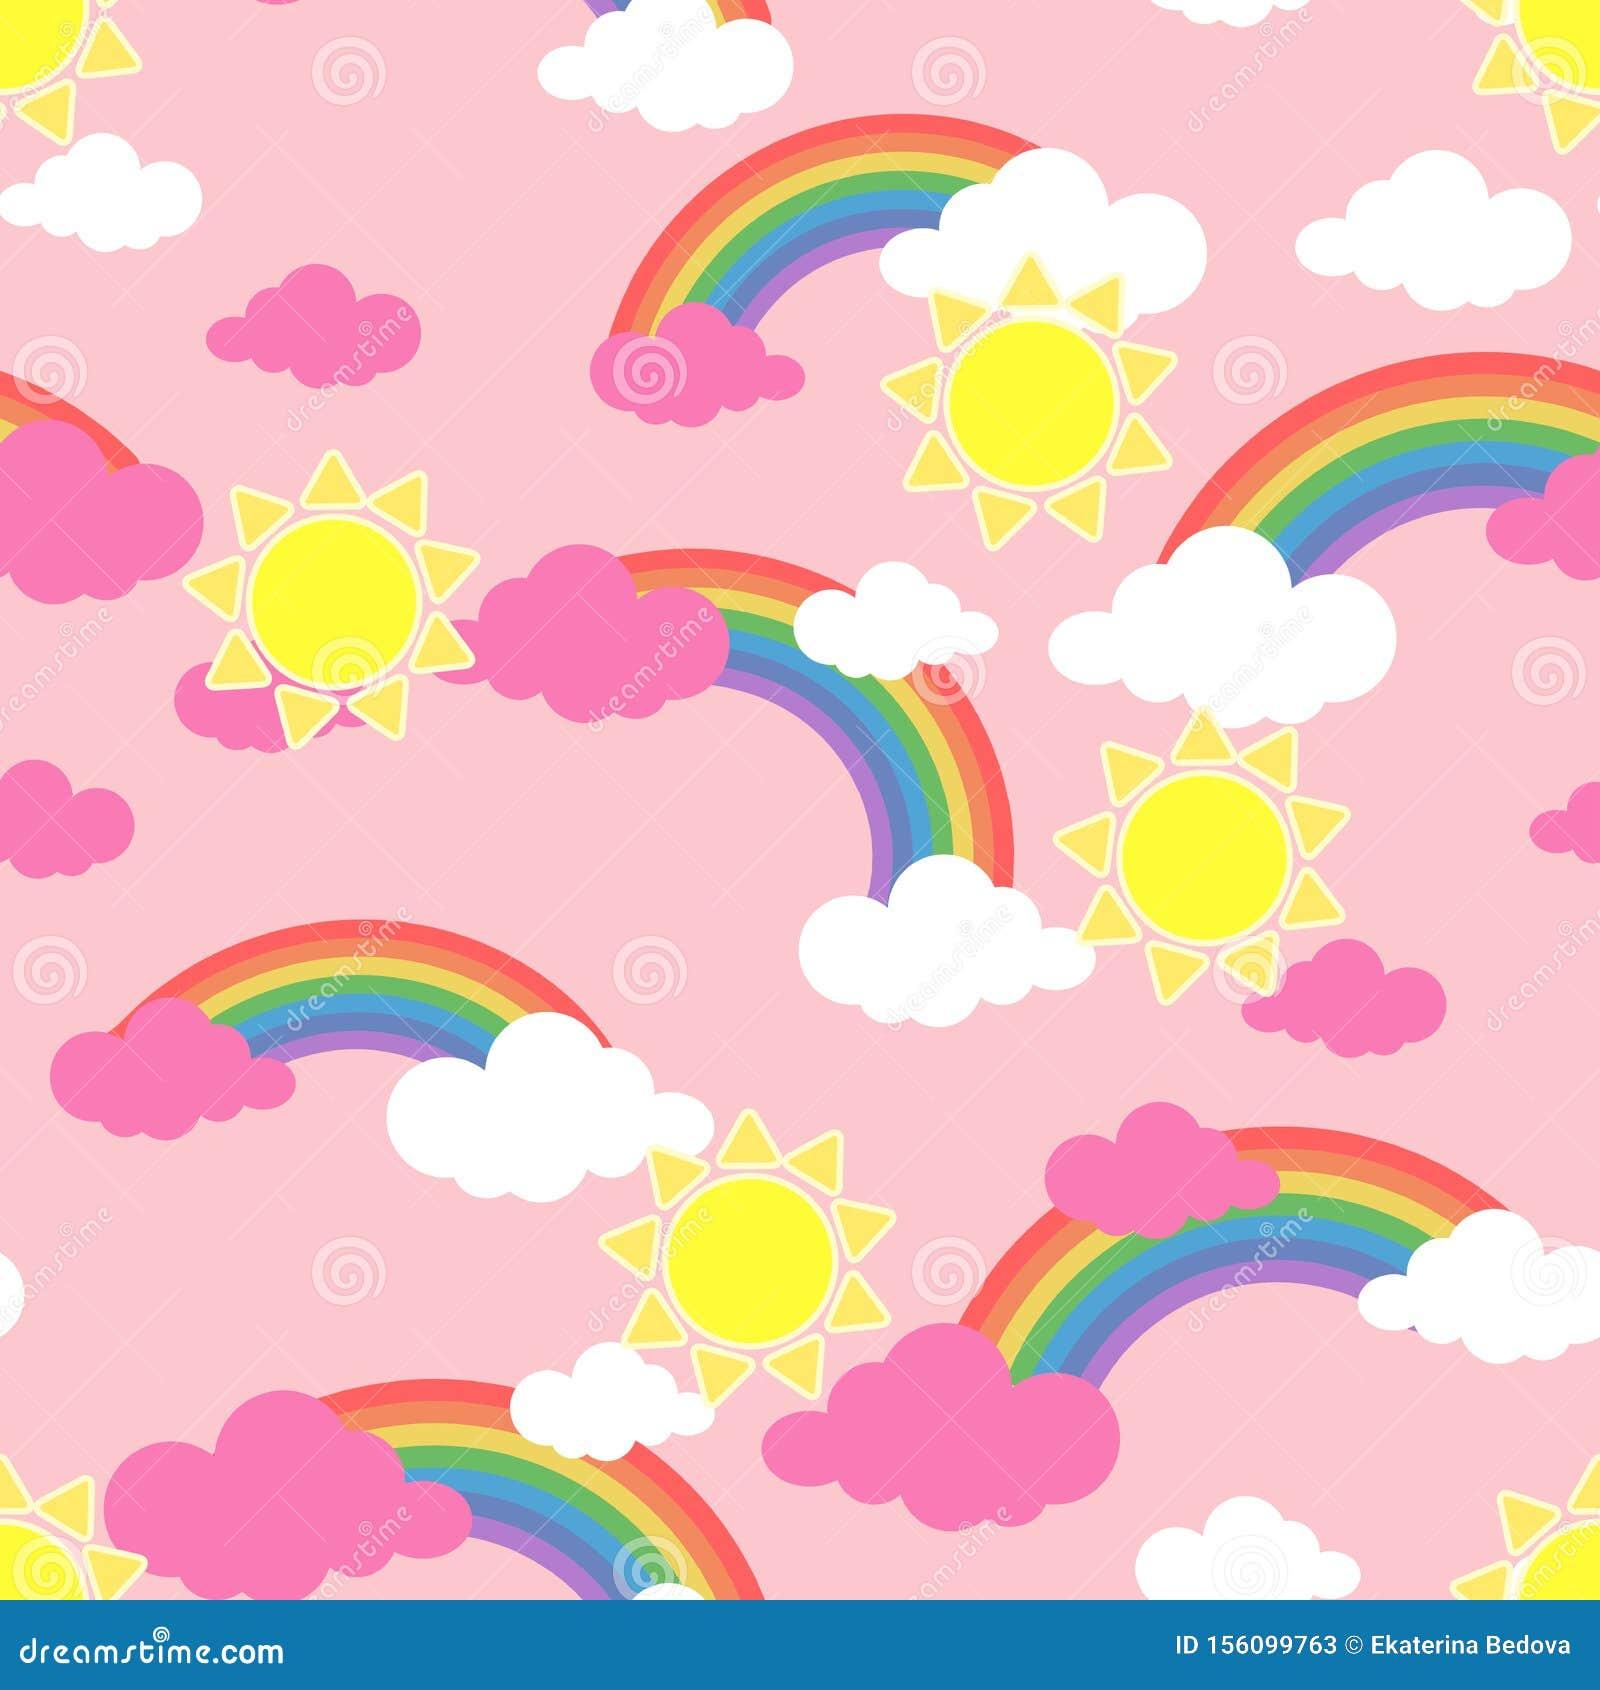 Rainbow Wallpaper Stock Illustrations 206 126 Rainbow Wallpaper Stock Illustrations Vectors Clipart Dreamstime